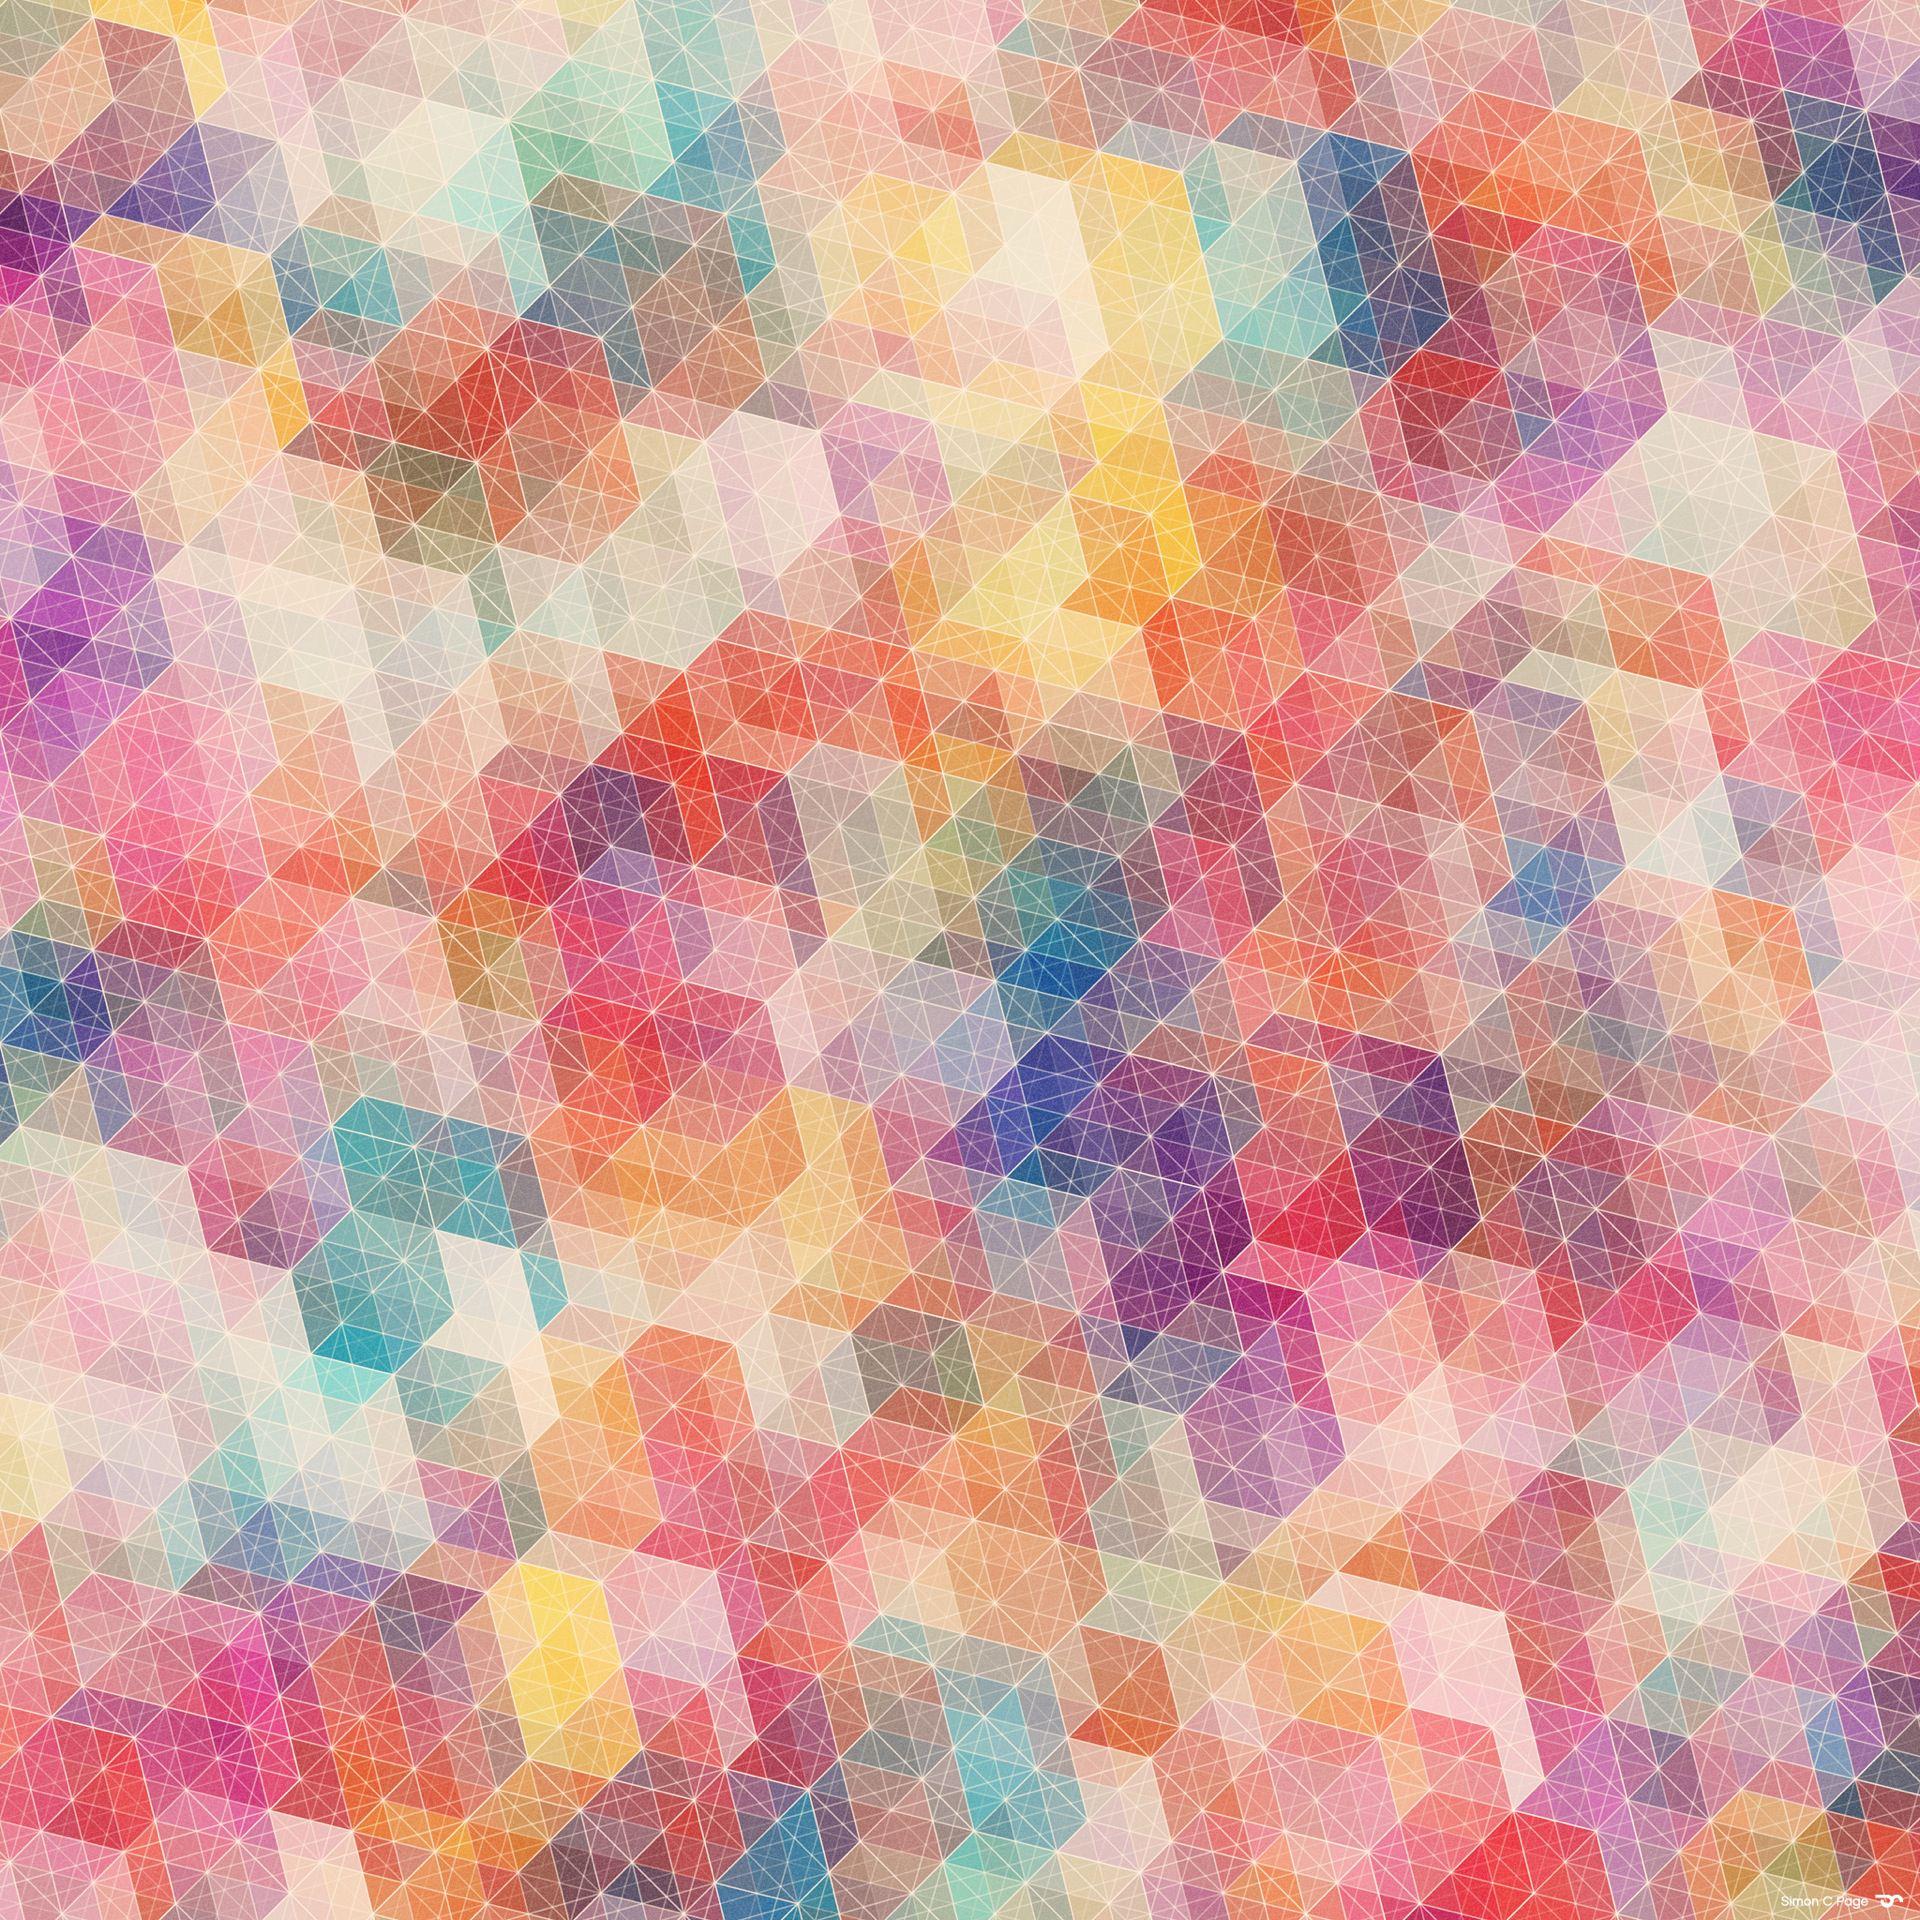 カラフルなパターン Android壁紙